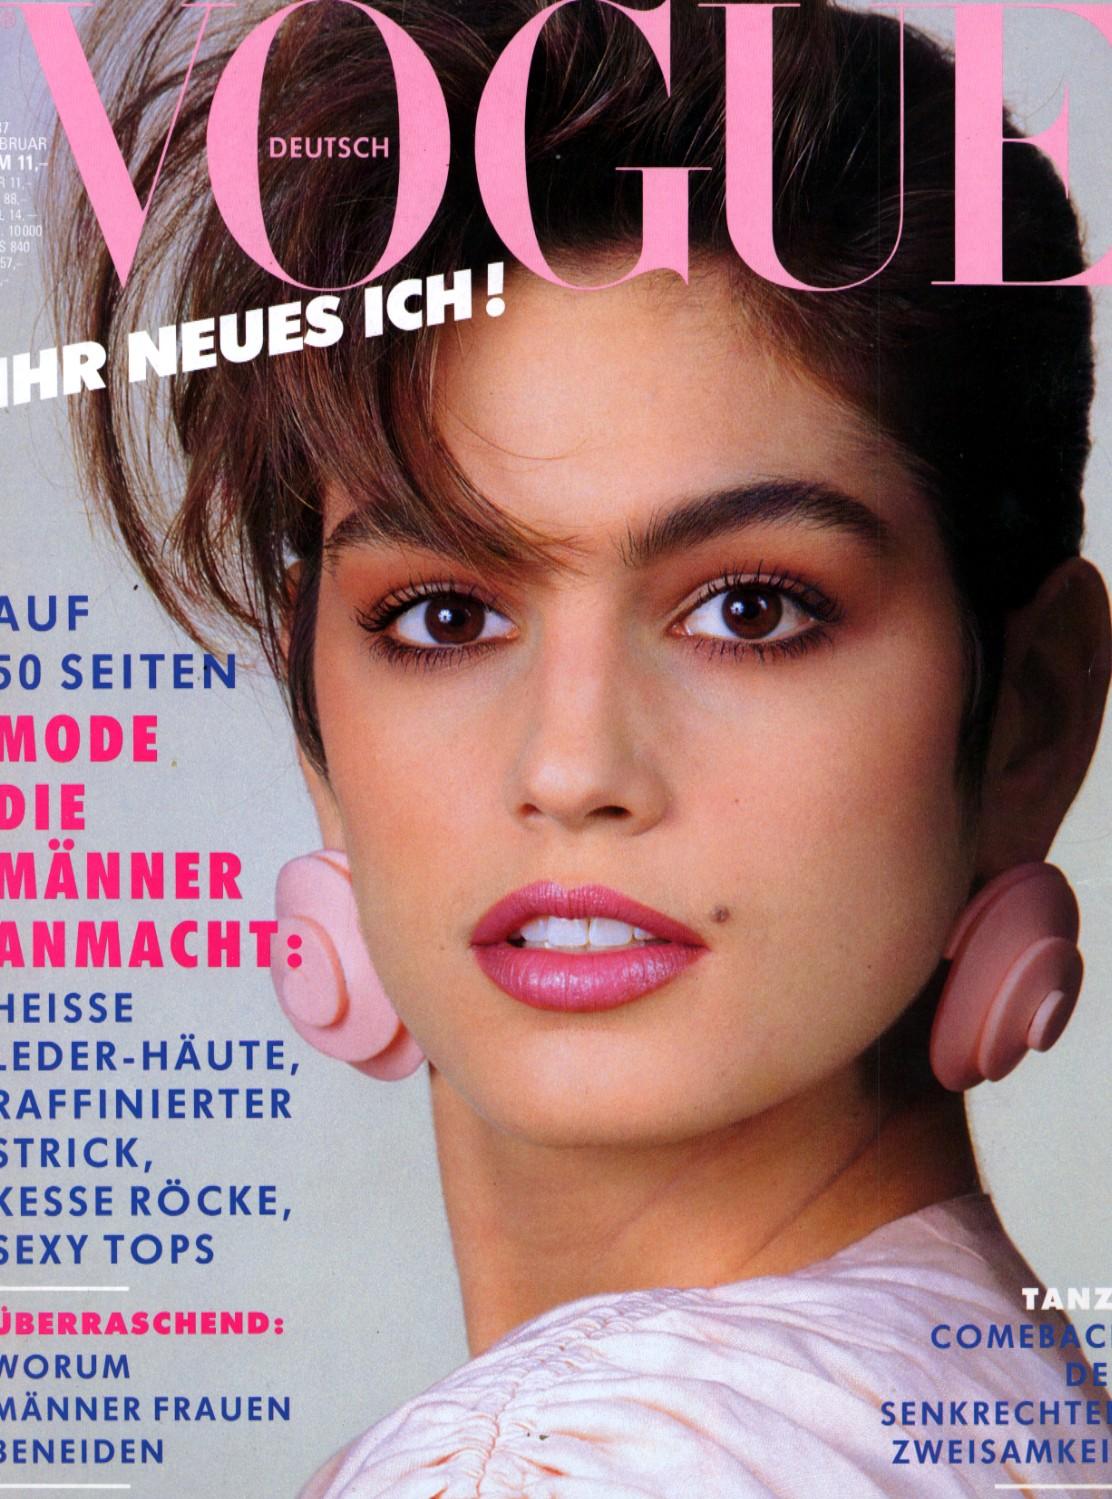 Vogue German 287 jal 718